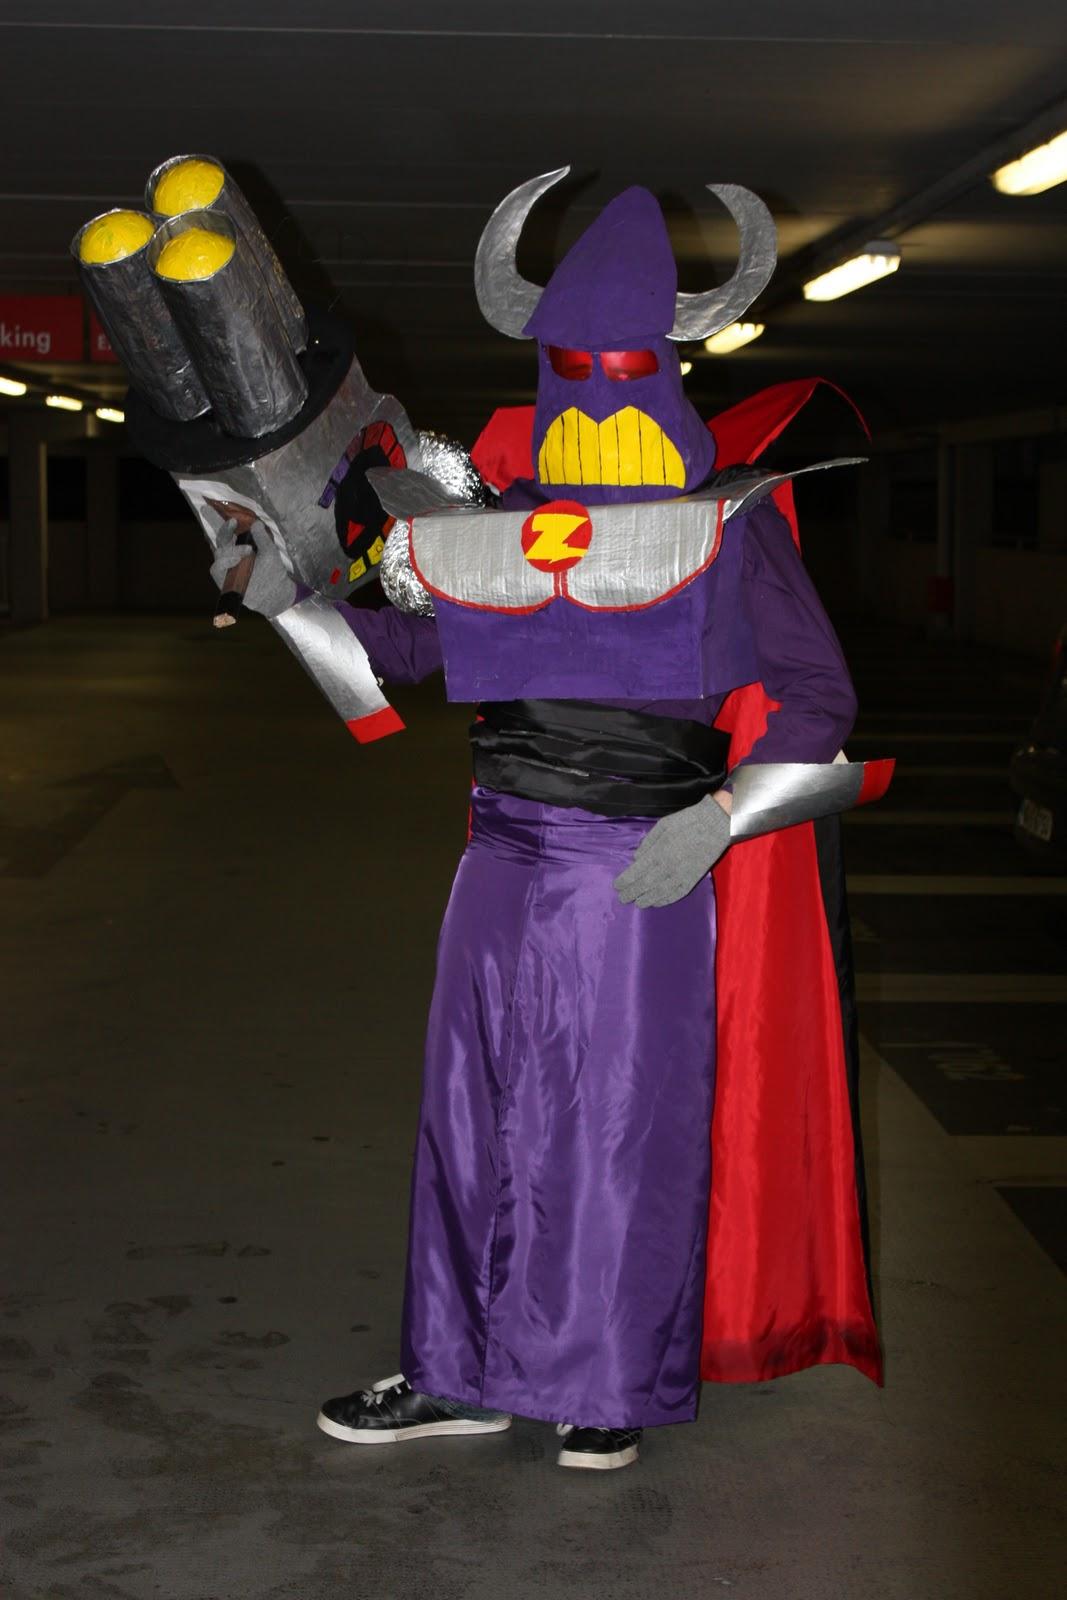 Zurg Costume & Pop Culture Costumes: Costume Gallery